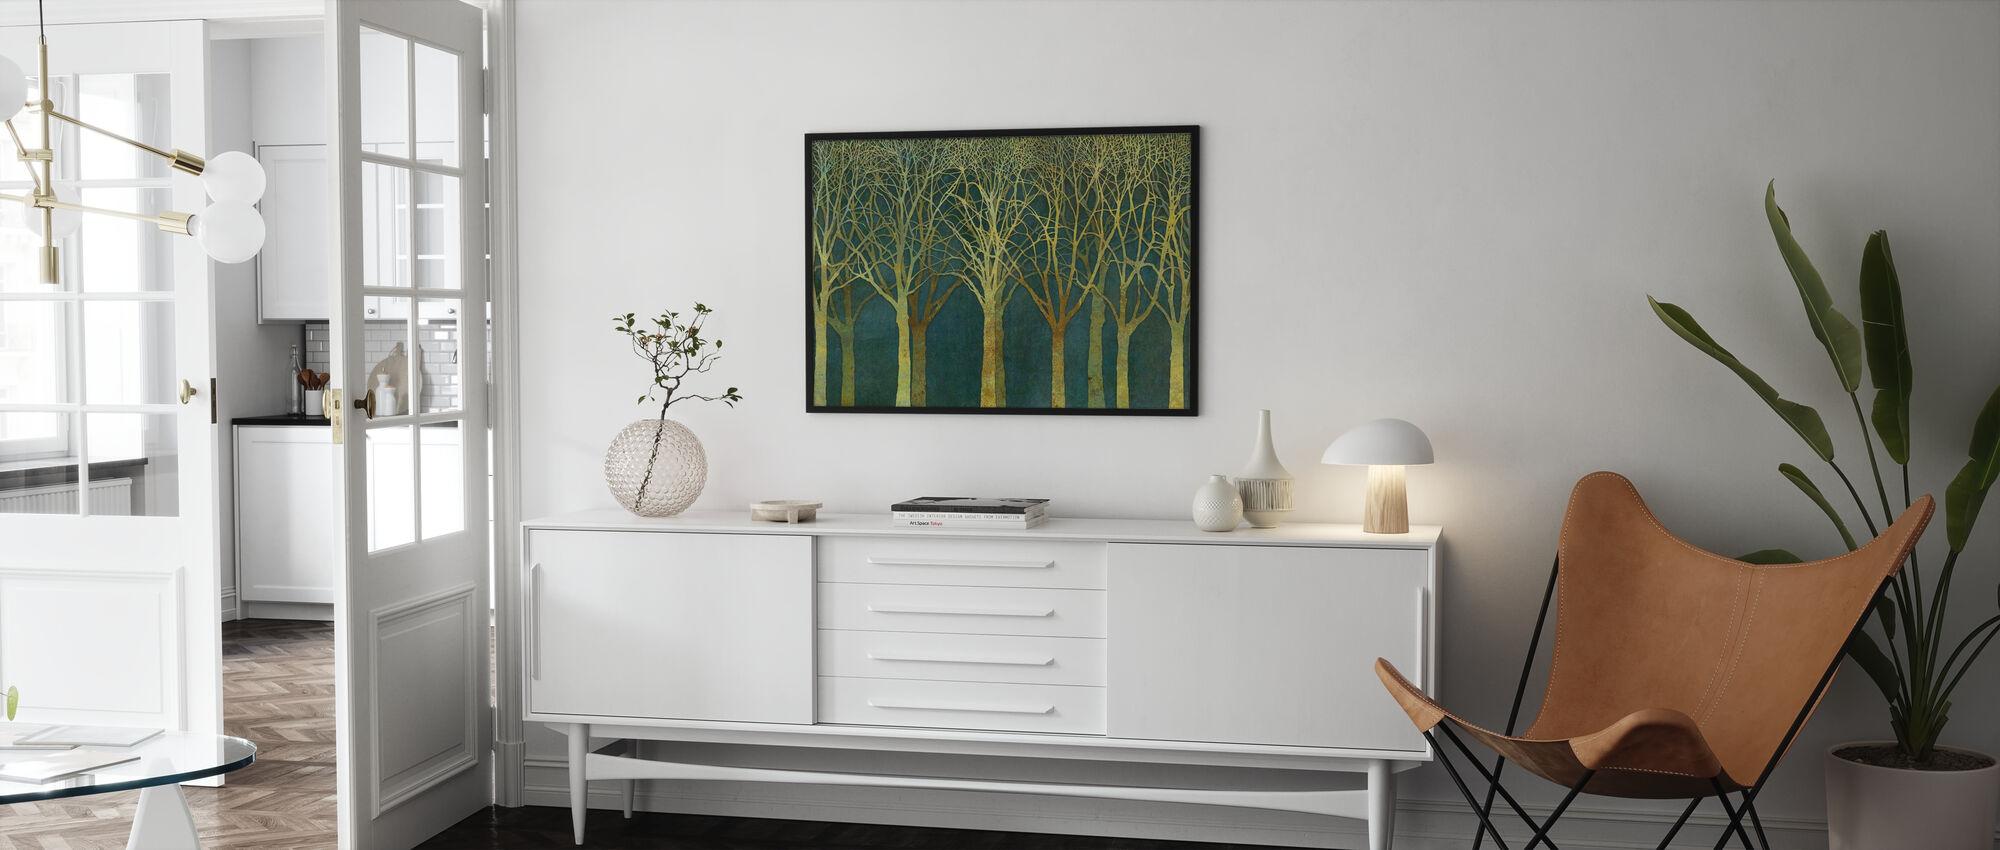 Birch Grove Golden Light - Poster - Living Room